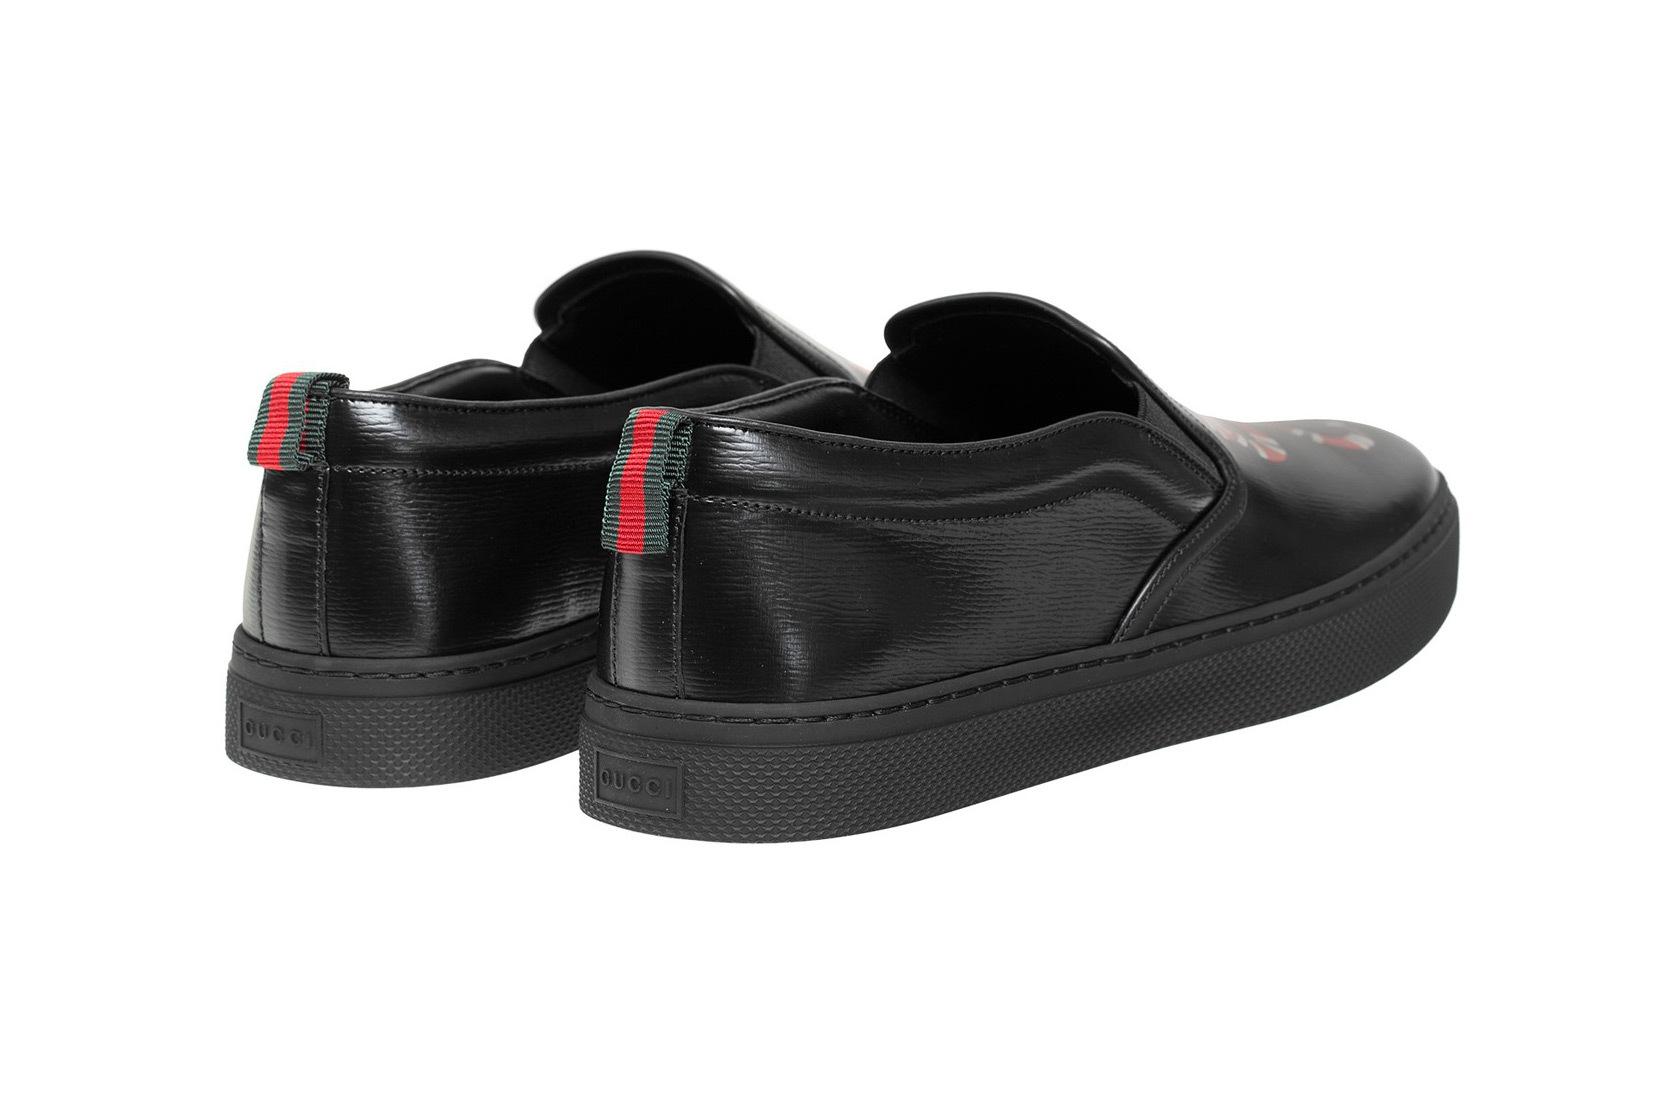 gucci-fall-winter-2016-17-footwear-6